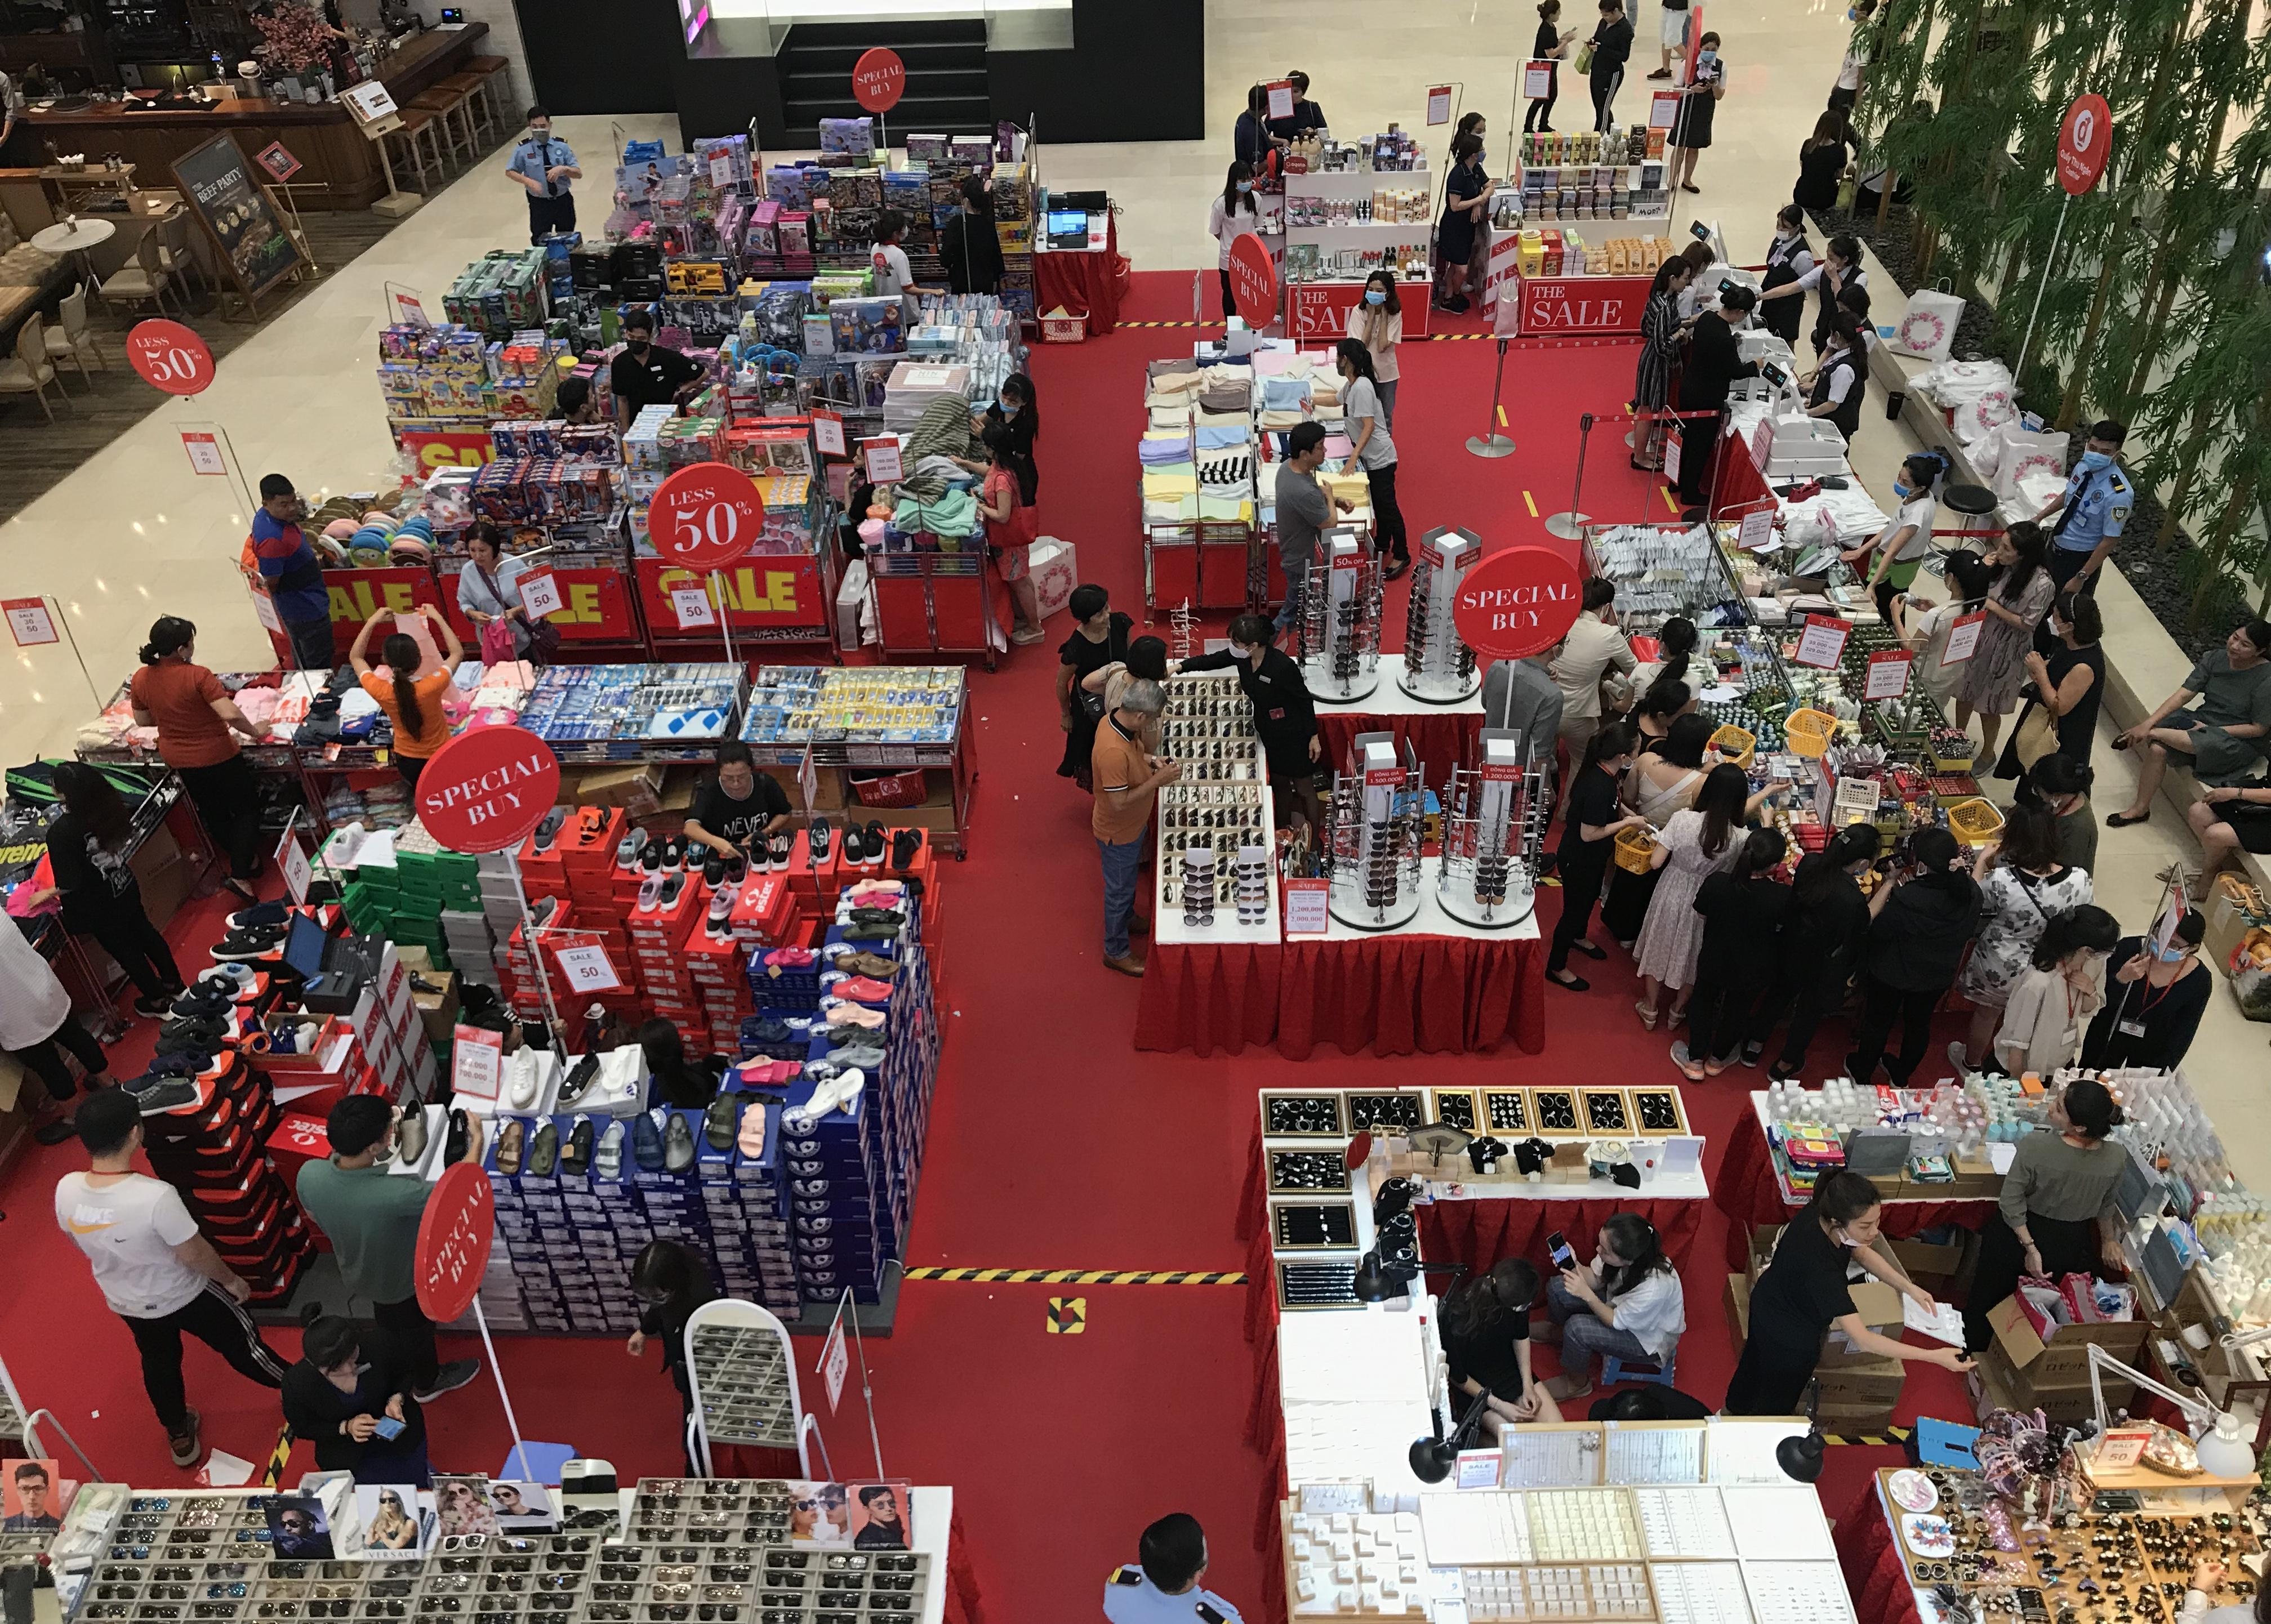 Hàng hiệu đua giảm tới 80% để kích cầu hậu COVID-19, người Sài Gòn tranh mua đồ giá sốc - Ảnh 11.